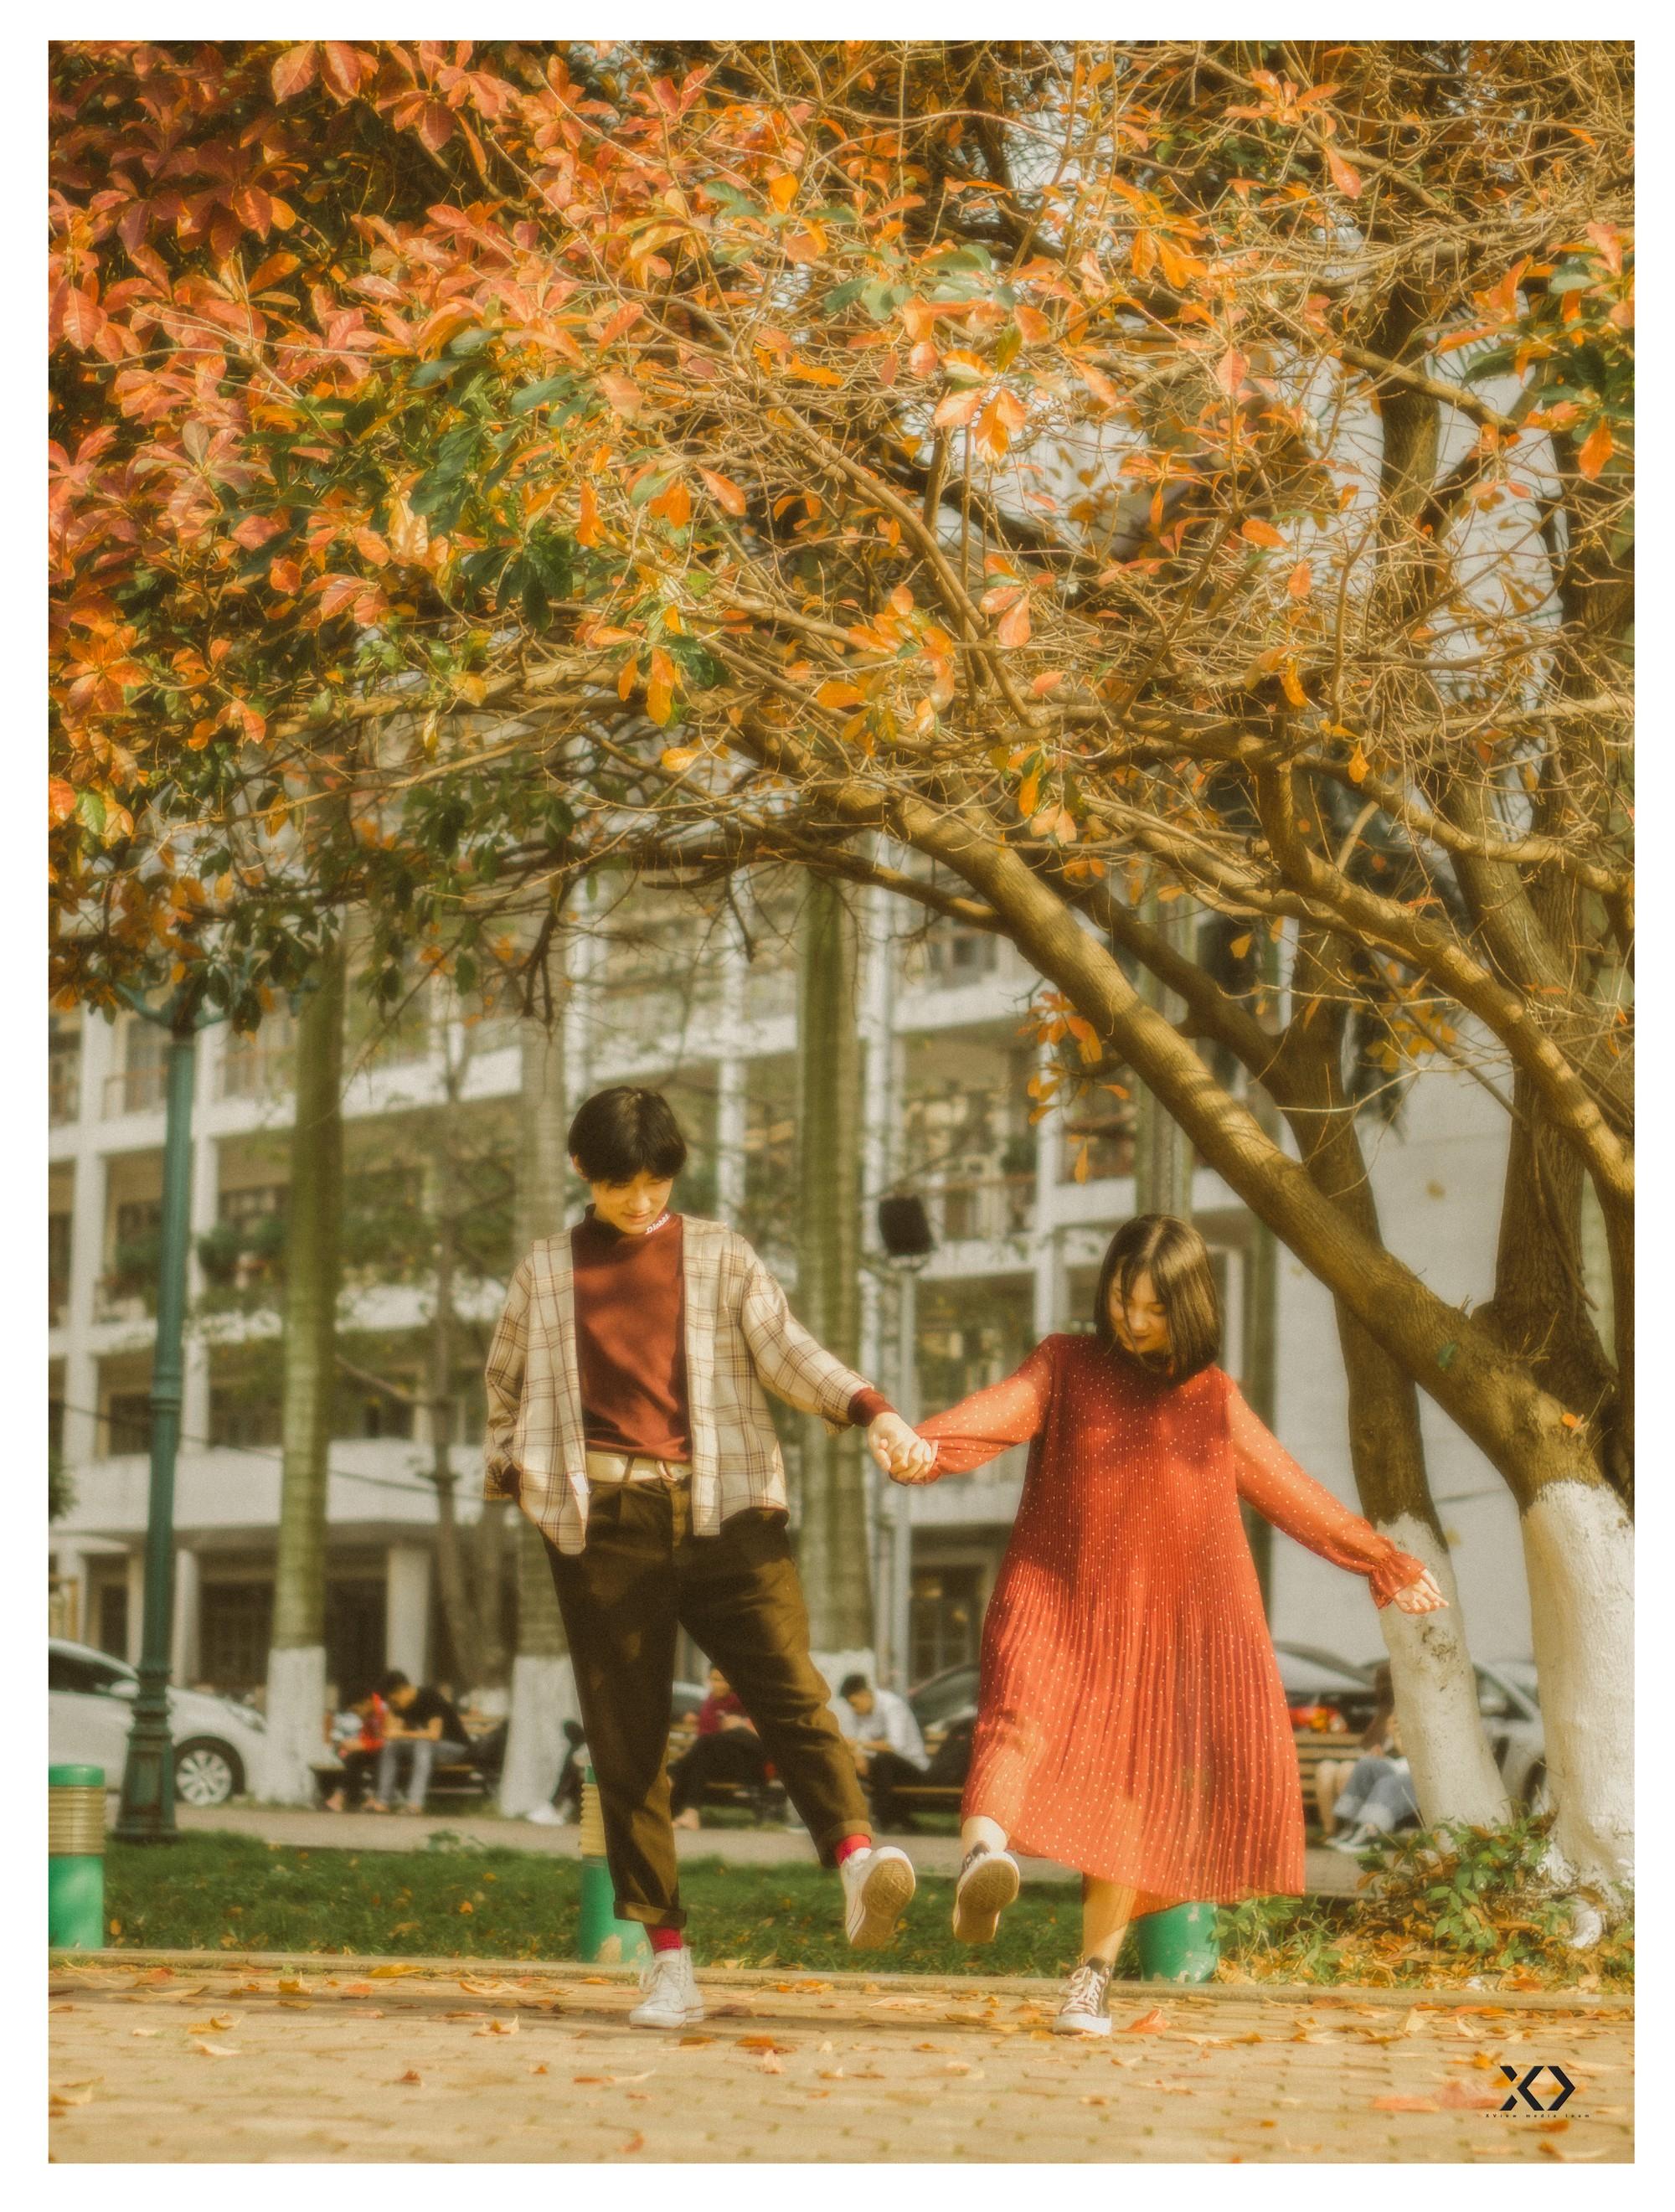 """Không ngờ có một Bách Khoa tình đến thế trong bộ ảnh của cặp đôi gái Xây dựng trai Kiến trúc - Ảnh 7. Có một Bách Khoa """"tình"""" đến thế trong bộ ảnh của cặp đôi gái Xây dựng trai Kiến trúc"""